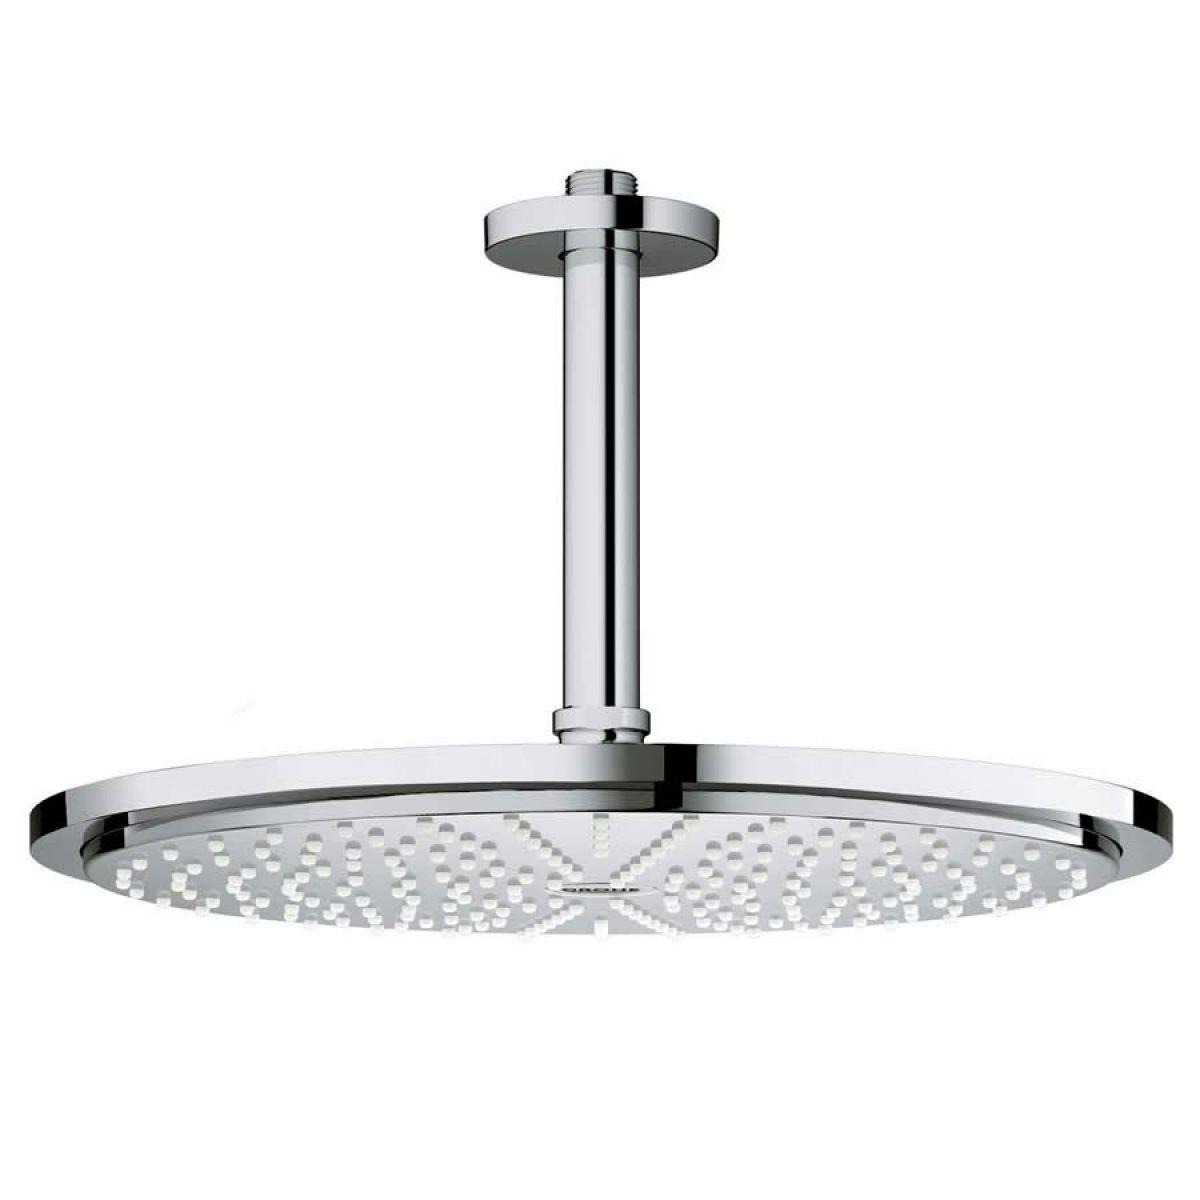 grohe rainshower cosmopolitan 310 shower head set uk bathrooms. Black Bedroom Furniture Sets. Home Design Ideas